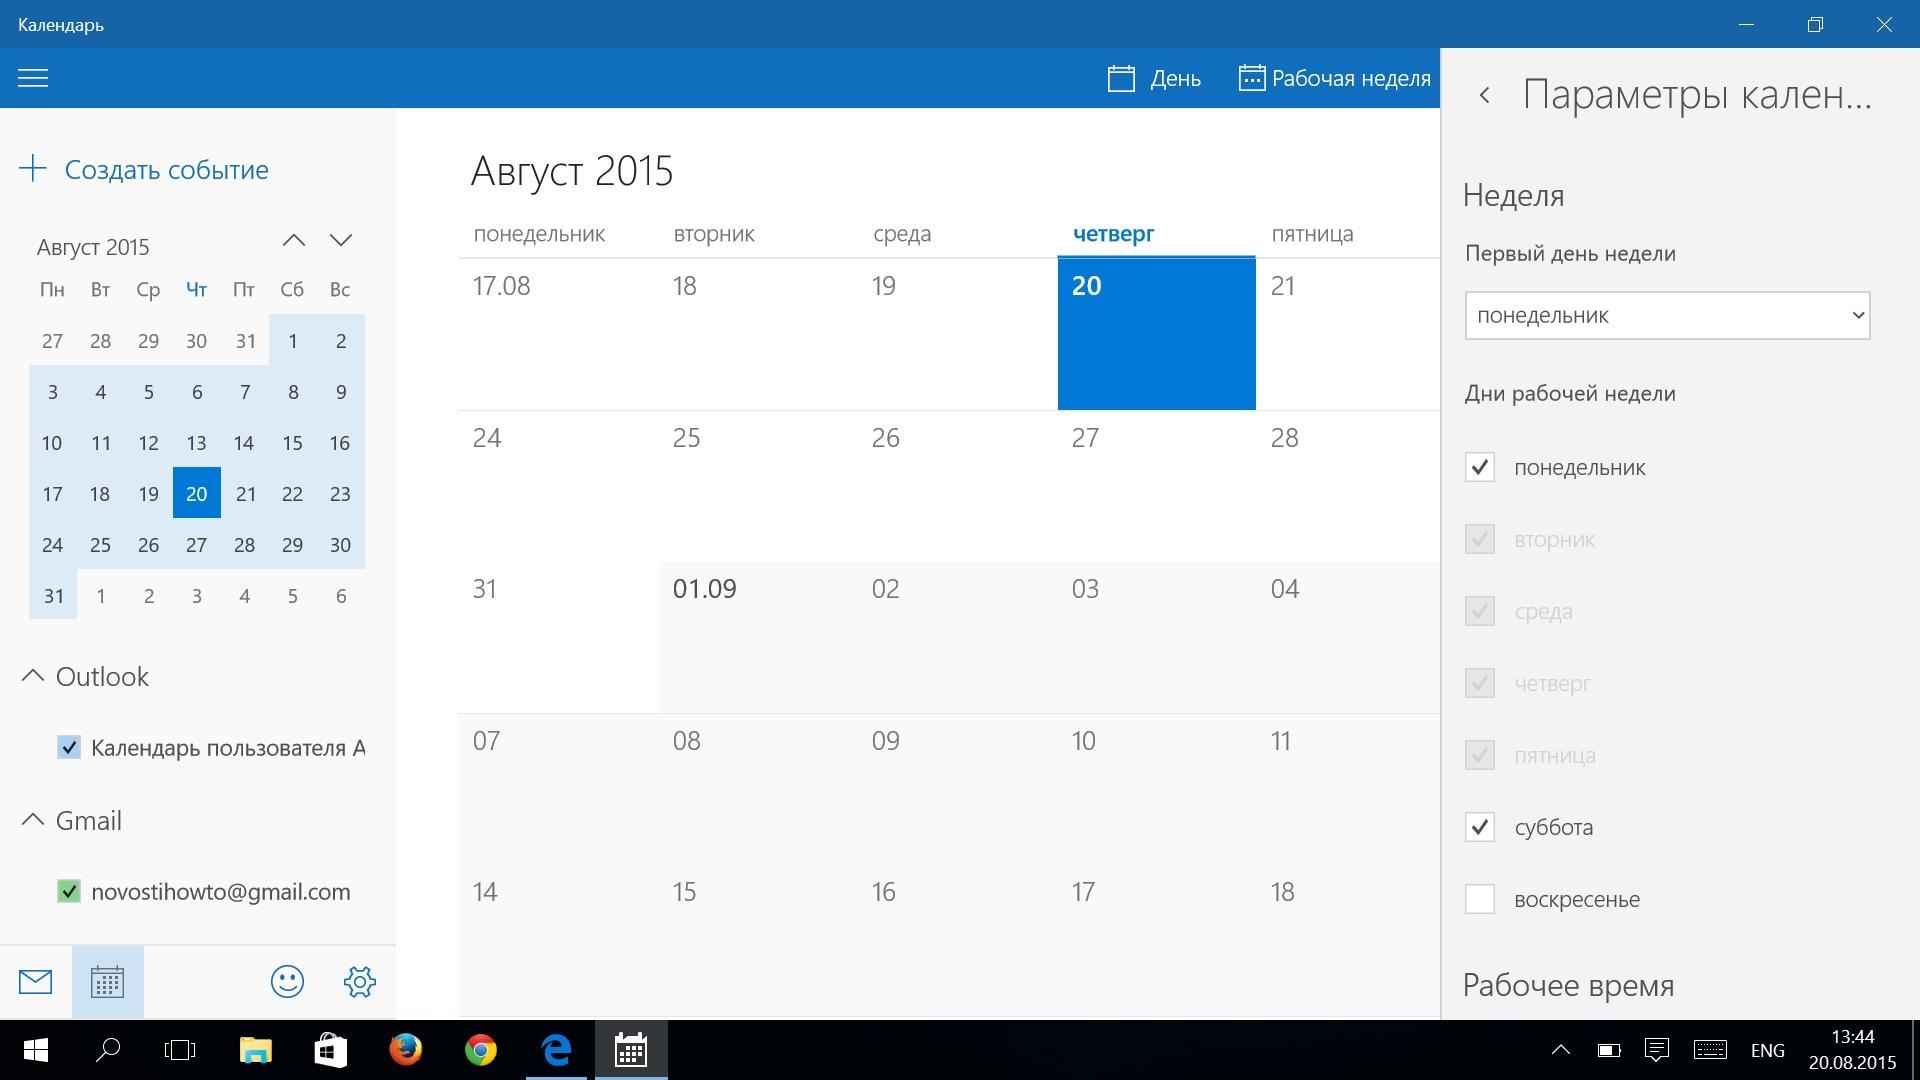 как добавить панель календаря на windows 10